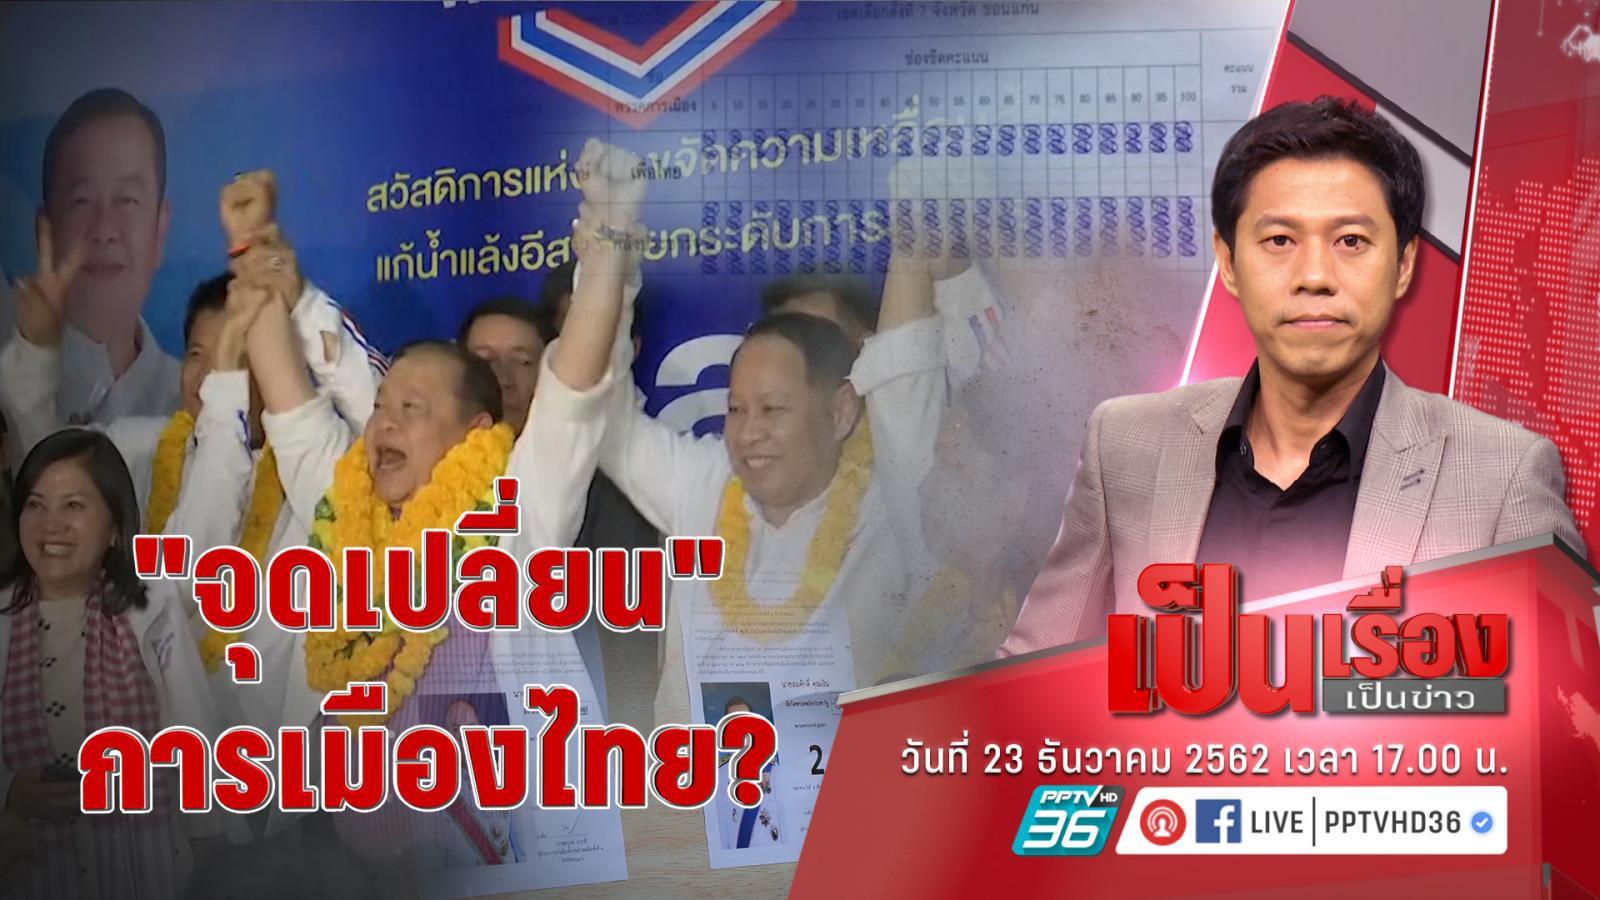 วิเคราะห์จุดเปลี่ยน การเมืองไทย?